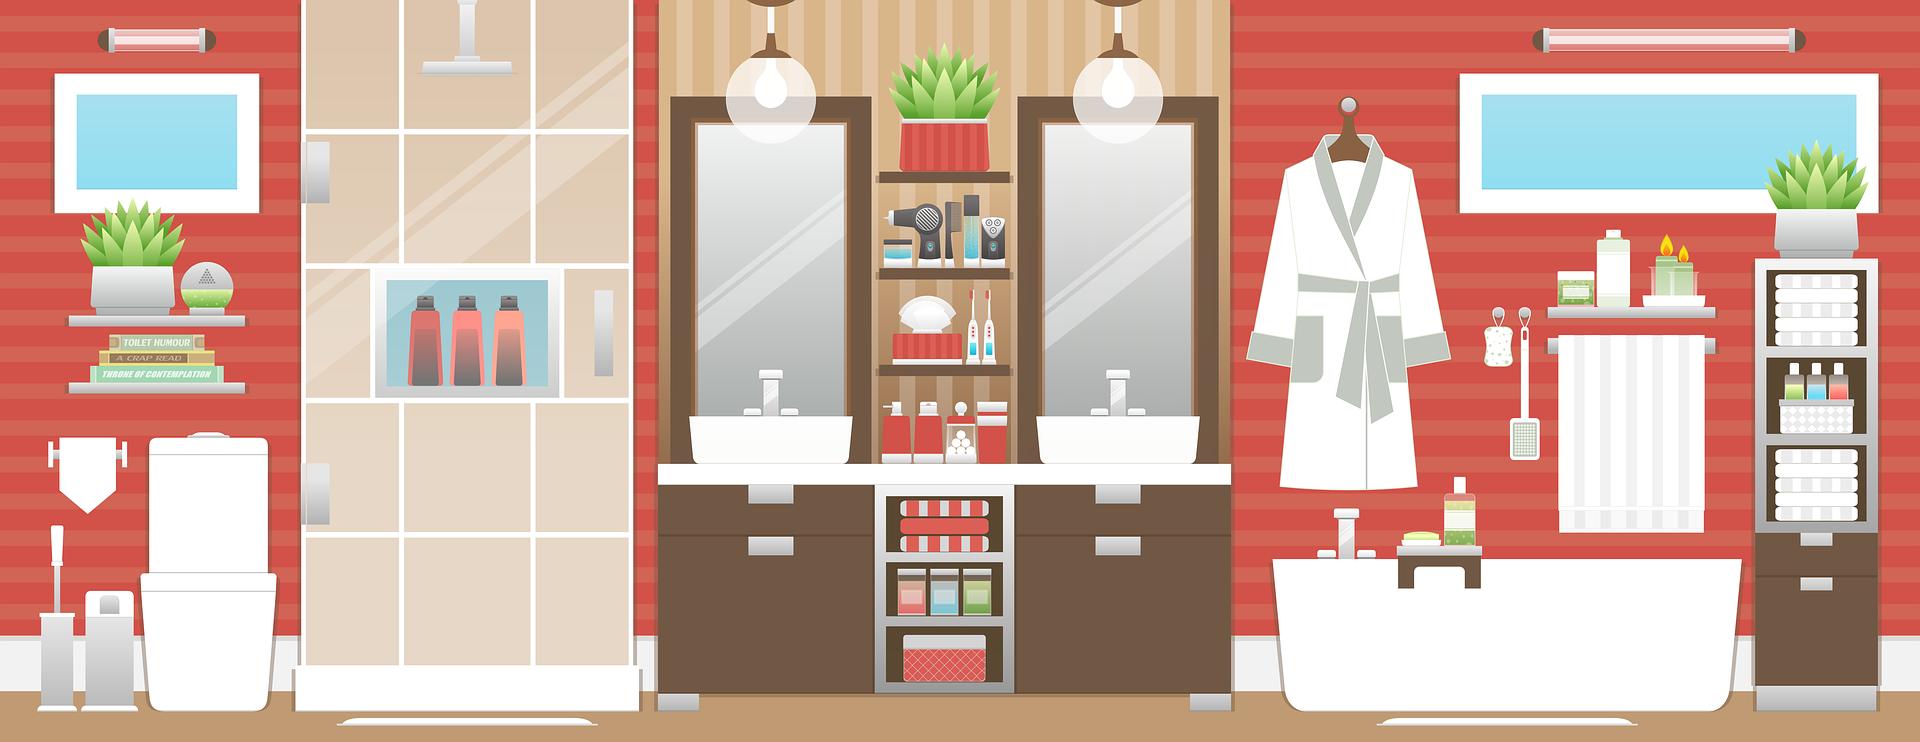 Interior Design Ideas Guide Interior Design Courses Rental Apartments Bathroom Interior Design